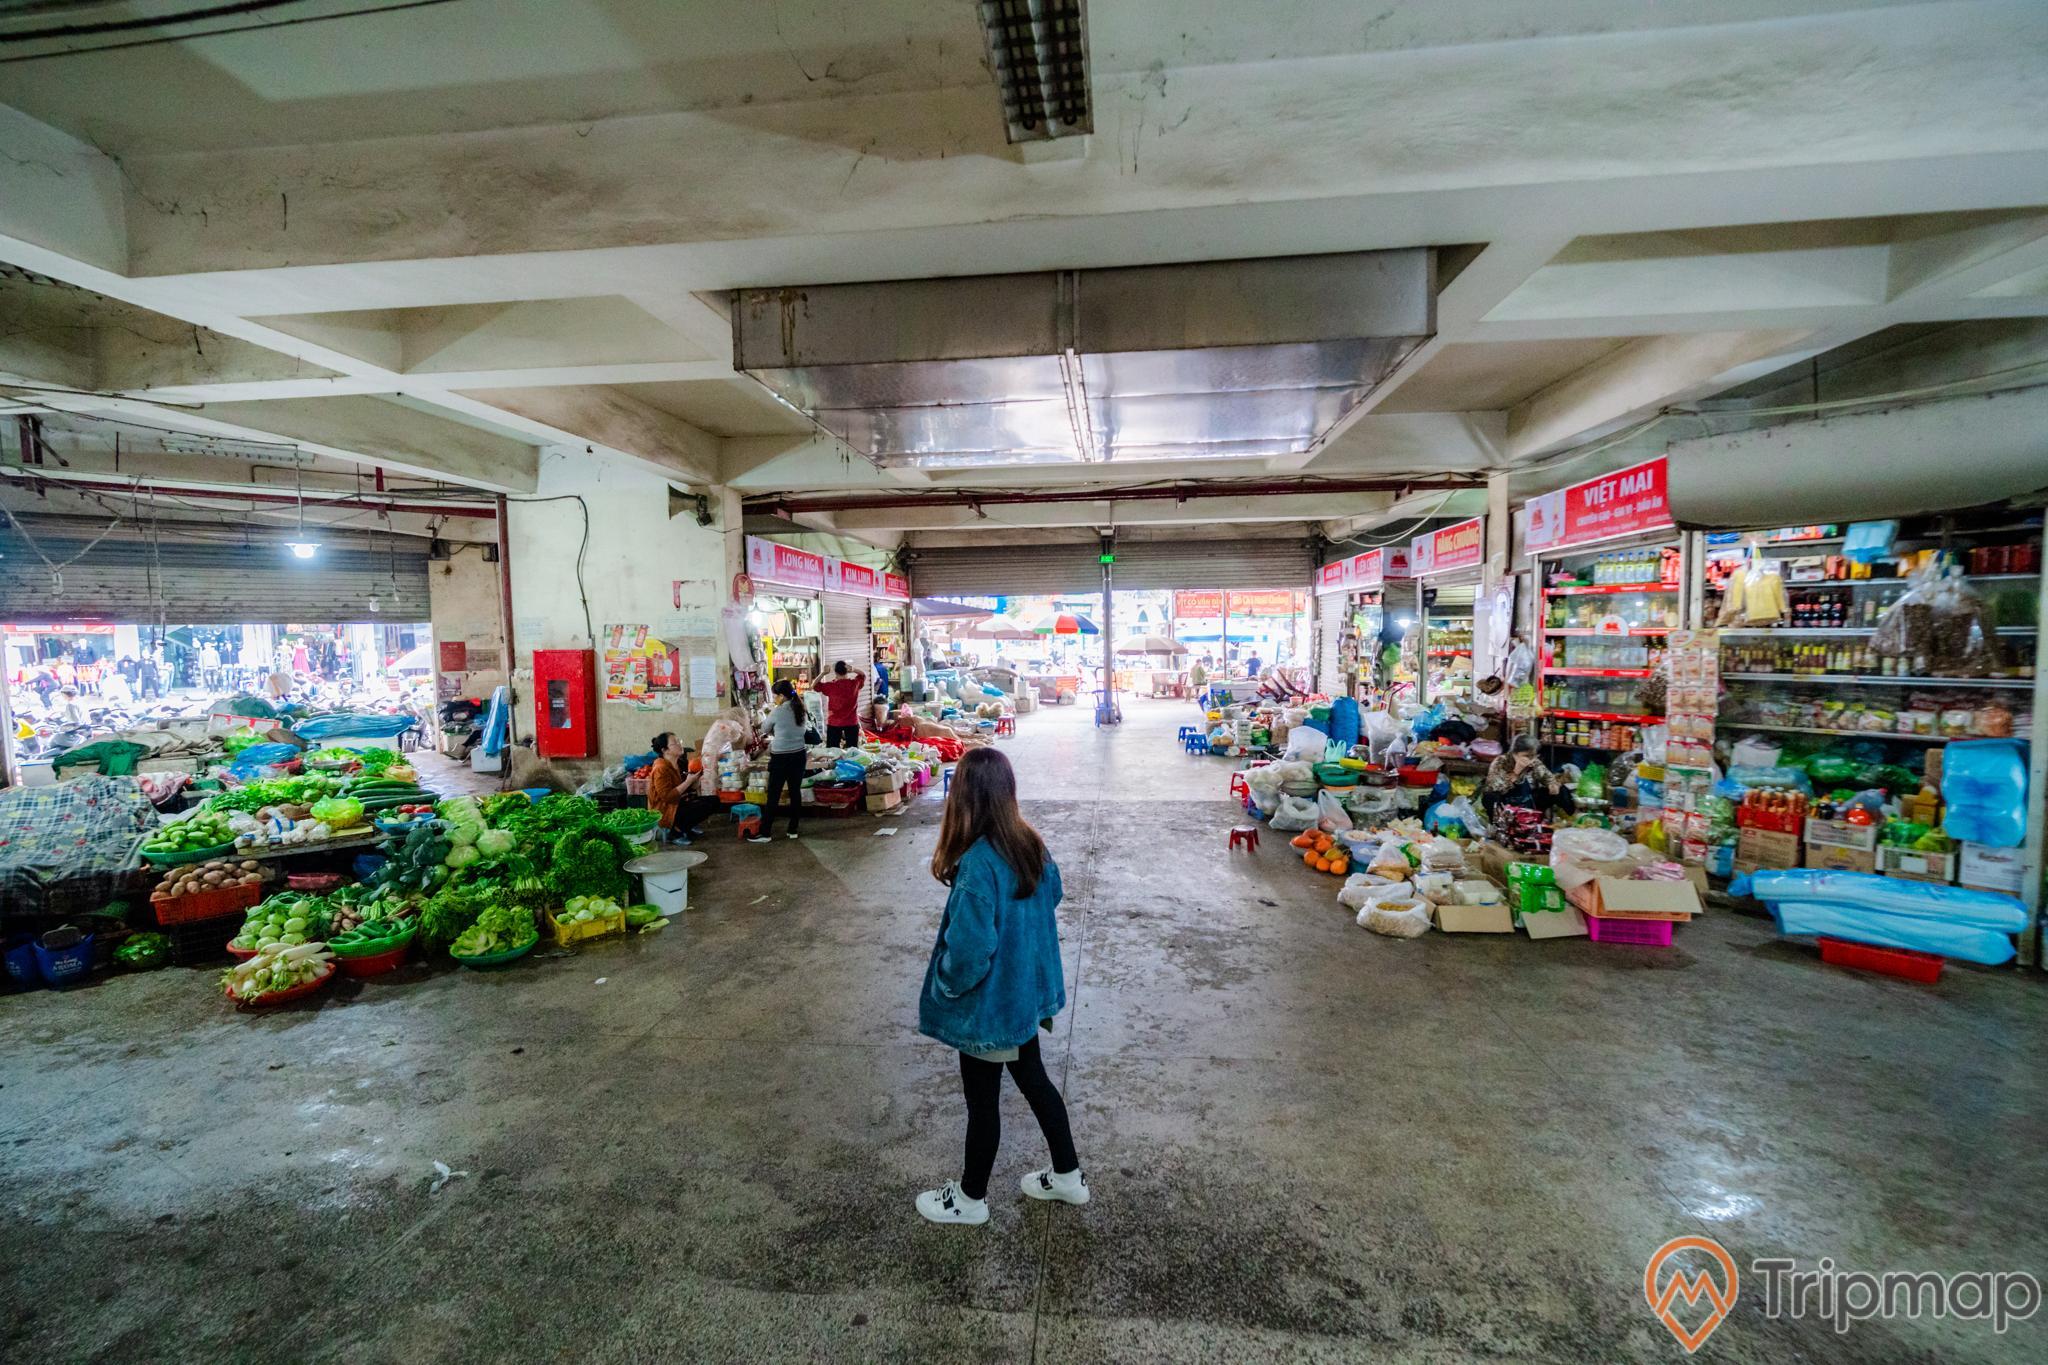 Chợ Hạ Long, Chợ Loong Toòng, cô gái mặc áo xanh đang đứng trên nền đường màu xám, trần nhà màu trắng, ảnh chụp ban ngày